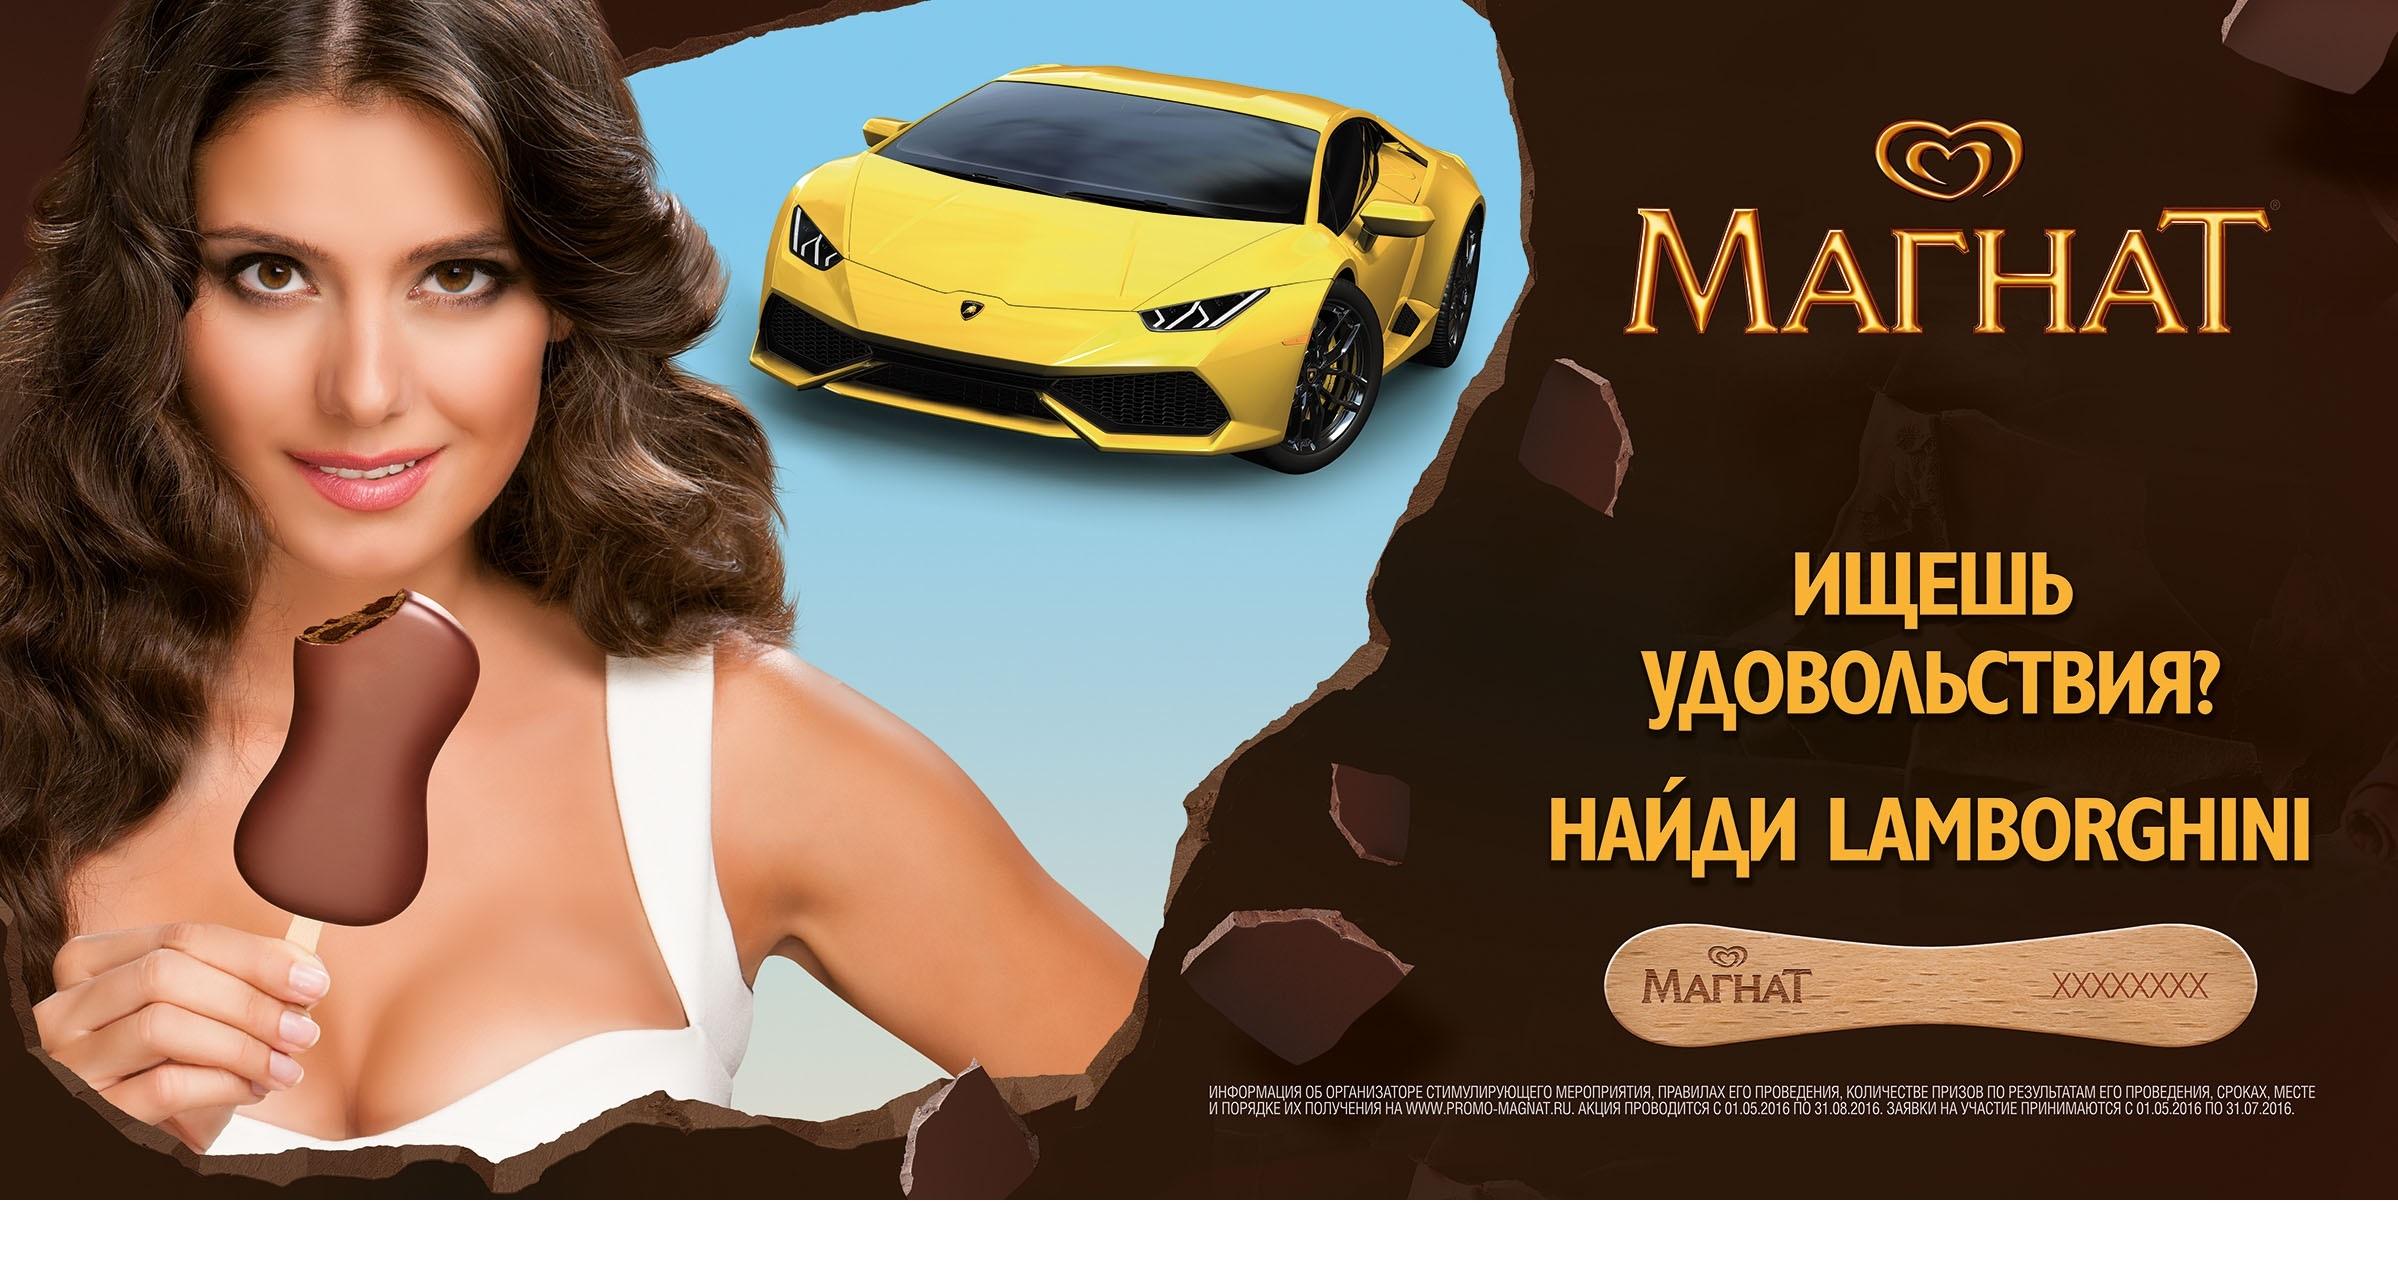 Тест-драйв Lamborghini от Магнат